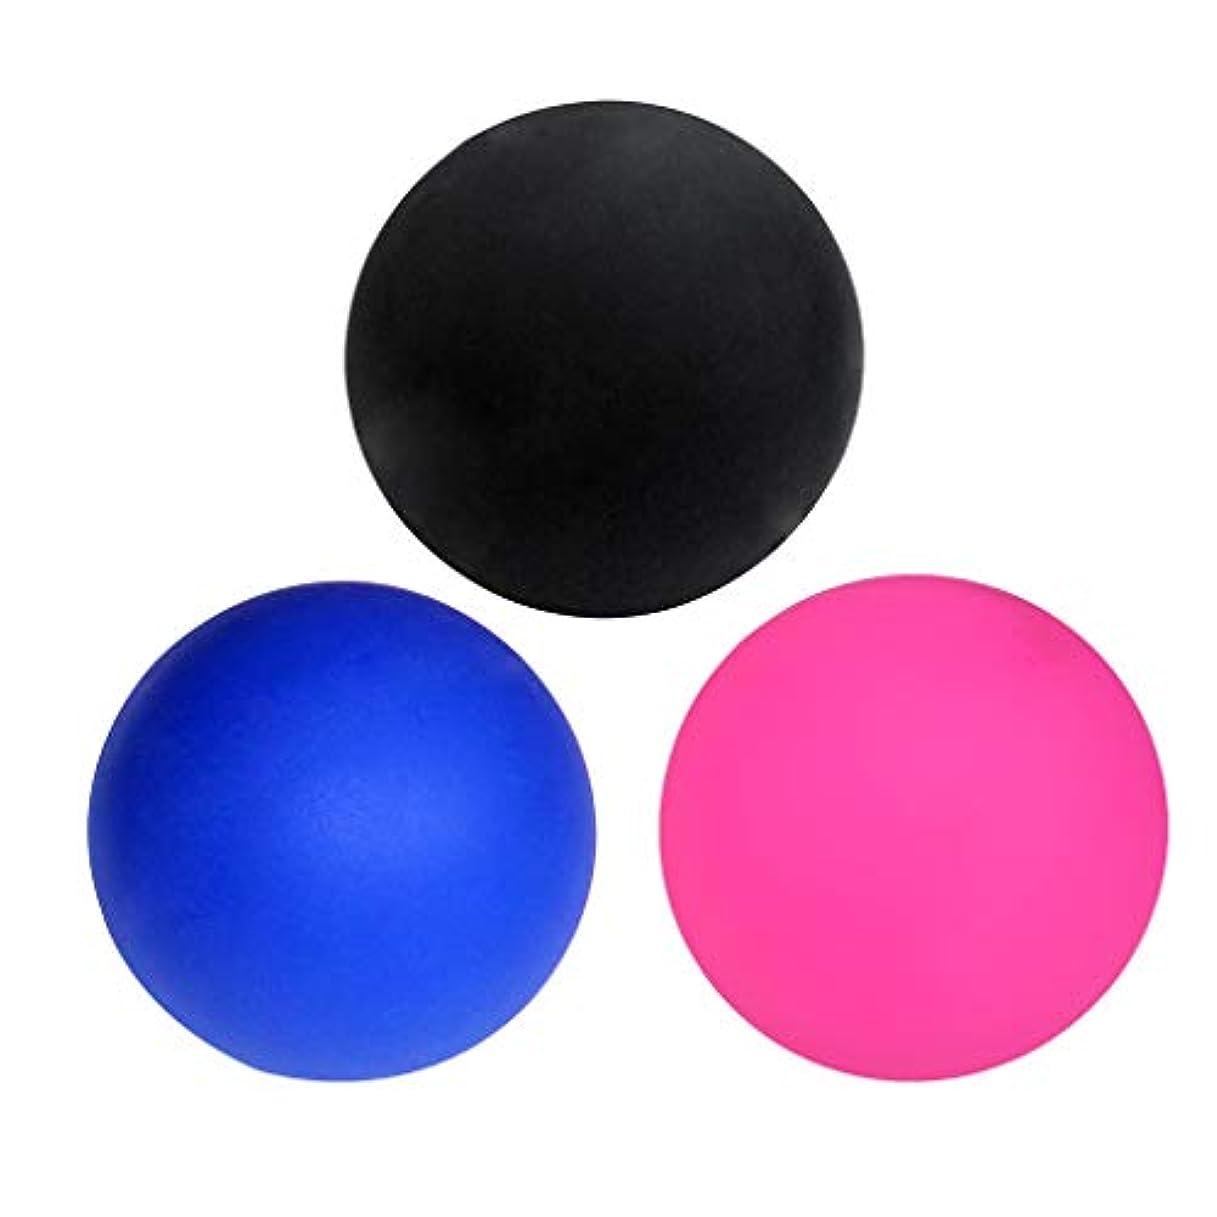 佐賀気候泥だらけマッサージボール ラクロスボール トリガーポイント ゴム製 ジム/ホーム/オフィスなど適用 3個入